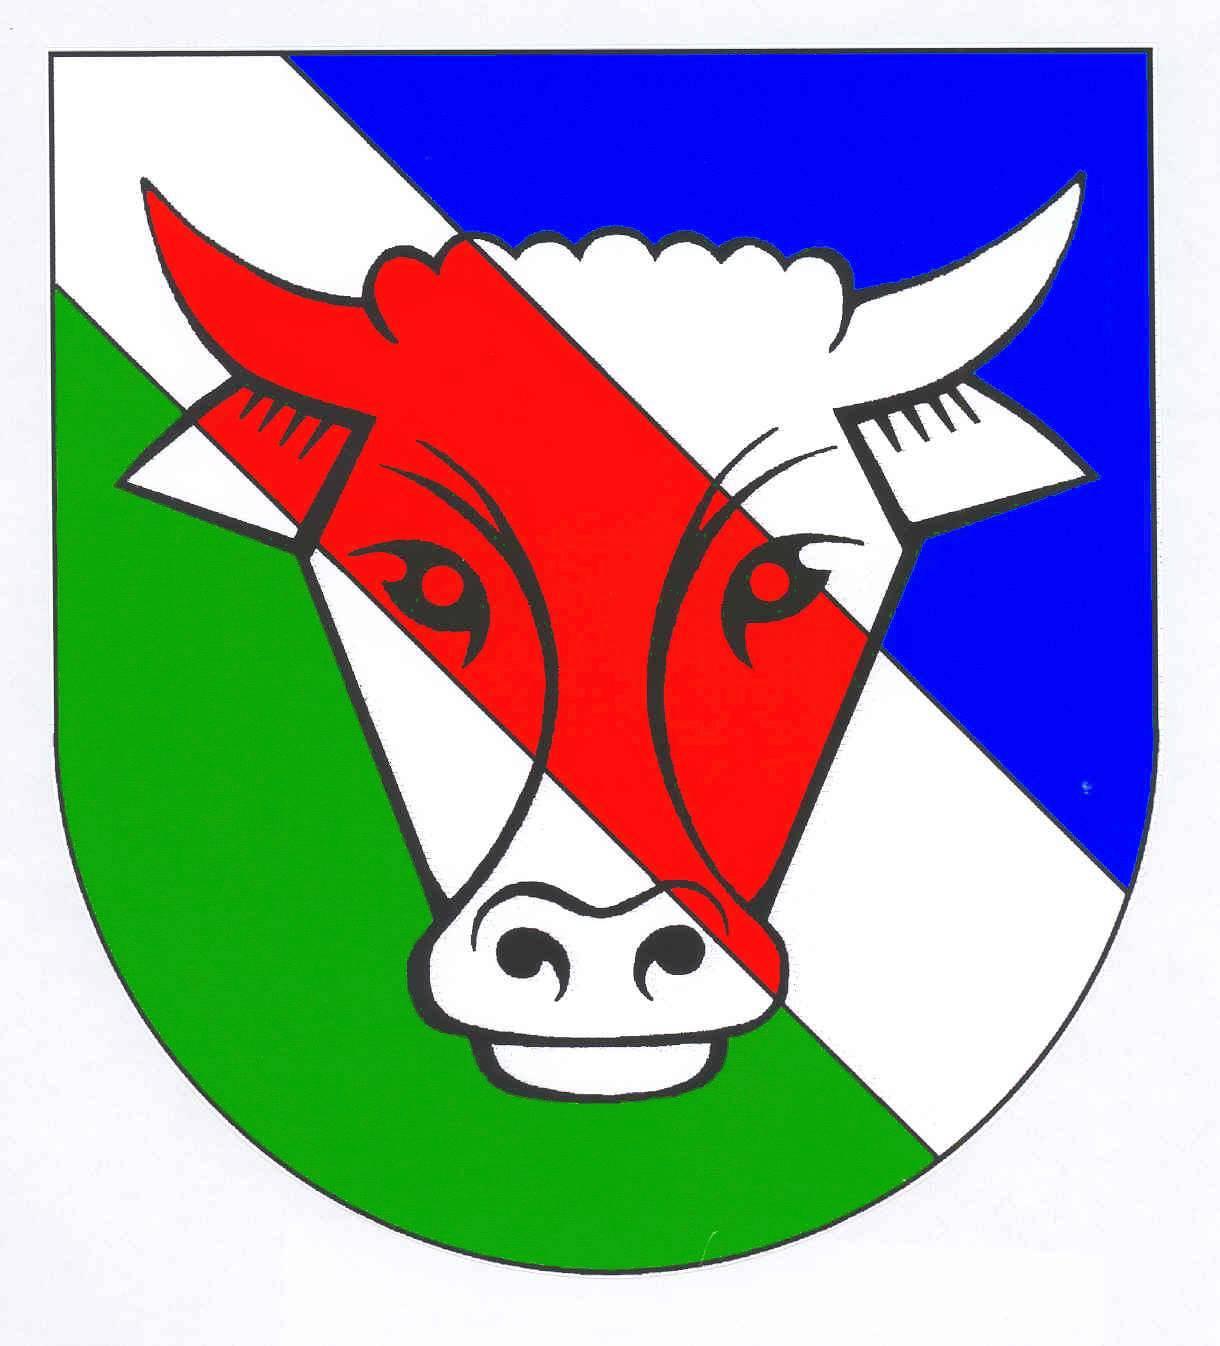 Wappen GemeindeSiezbüttel, Kreis Steinburg